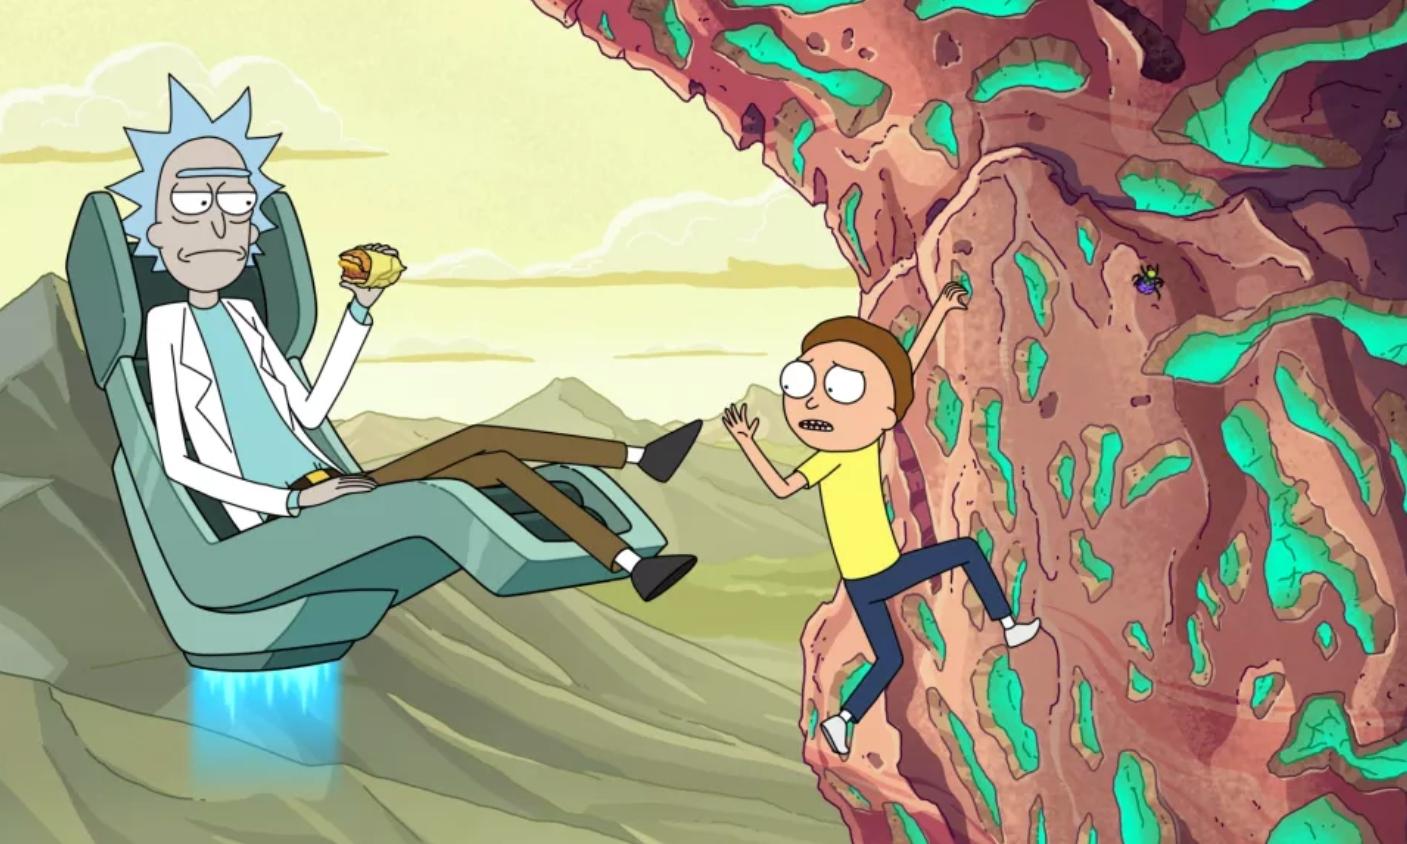 《瑞克和莫蒂》发布第四季下半部分预告